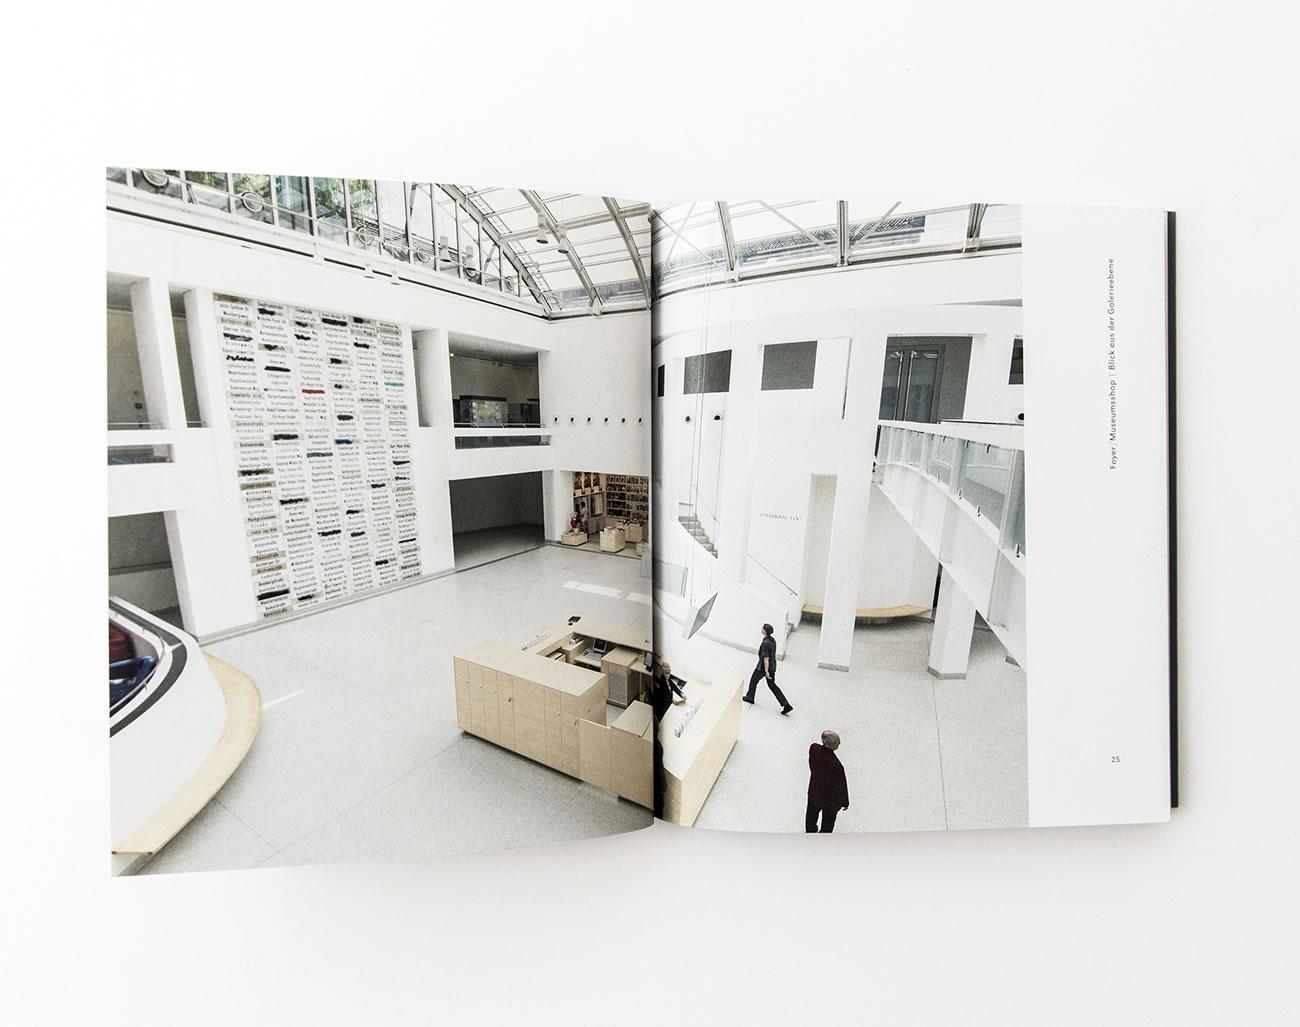 Petra Zimmerer, Büro für Gestaltung, Architektur, Buch, jb architekten, Germanisches Nationalmuseum, Nürnberg